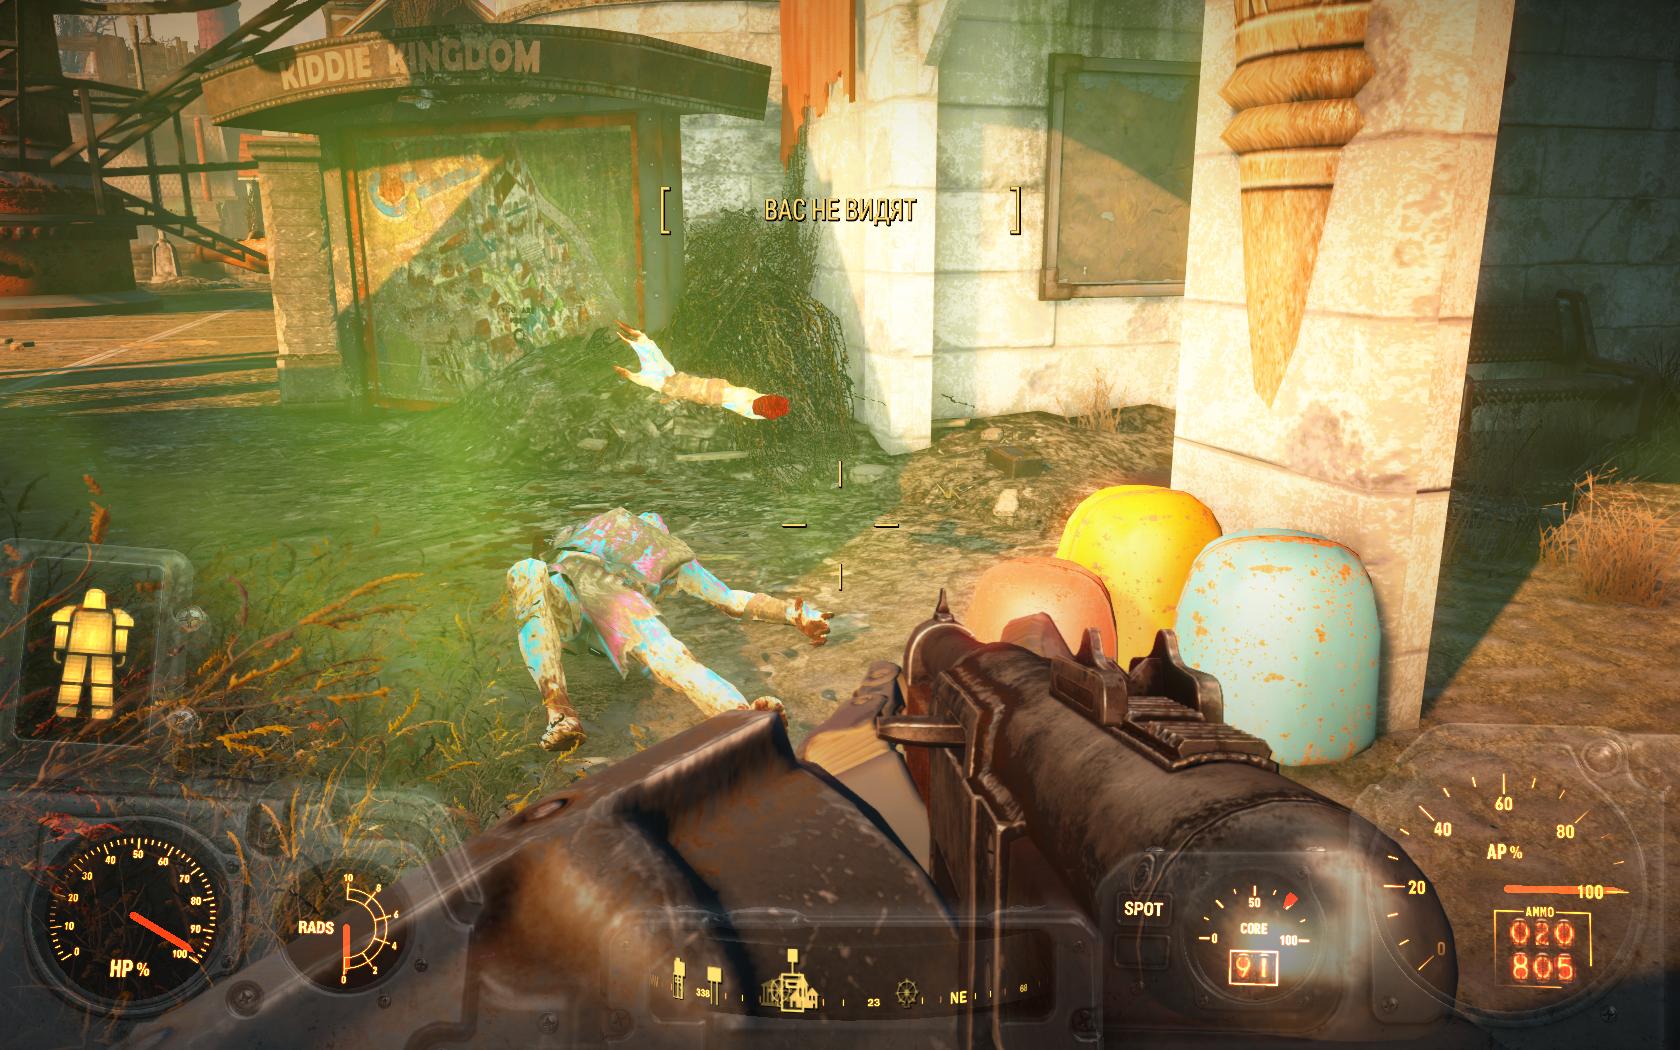 Рука живёт своей жизнью, весьма оторванной о реальности (Ядер-Мир, Детское Королевство) - Fallout 4 Nuka-World, Баг, Ядер-Мир